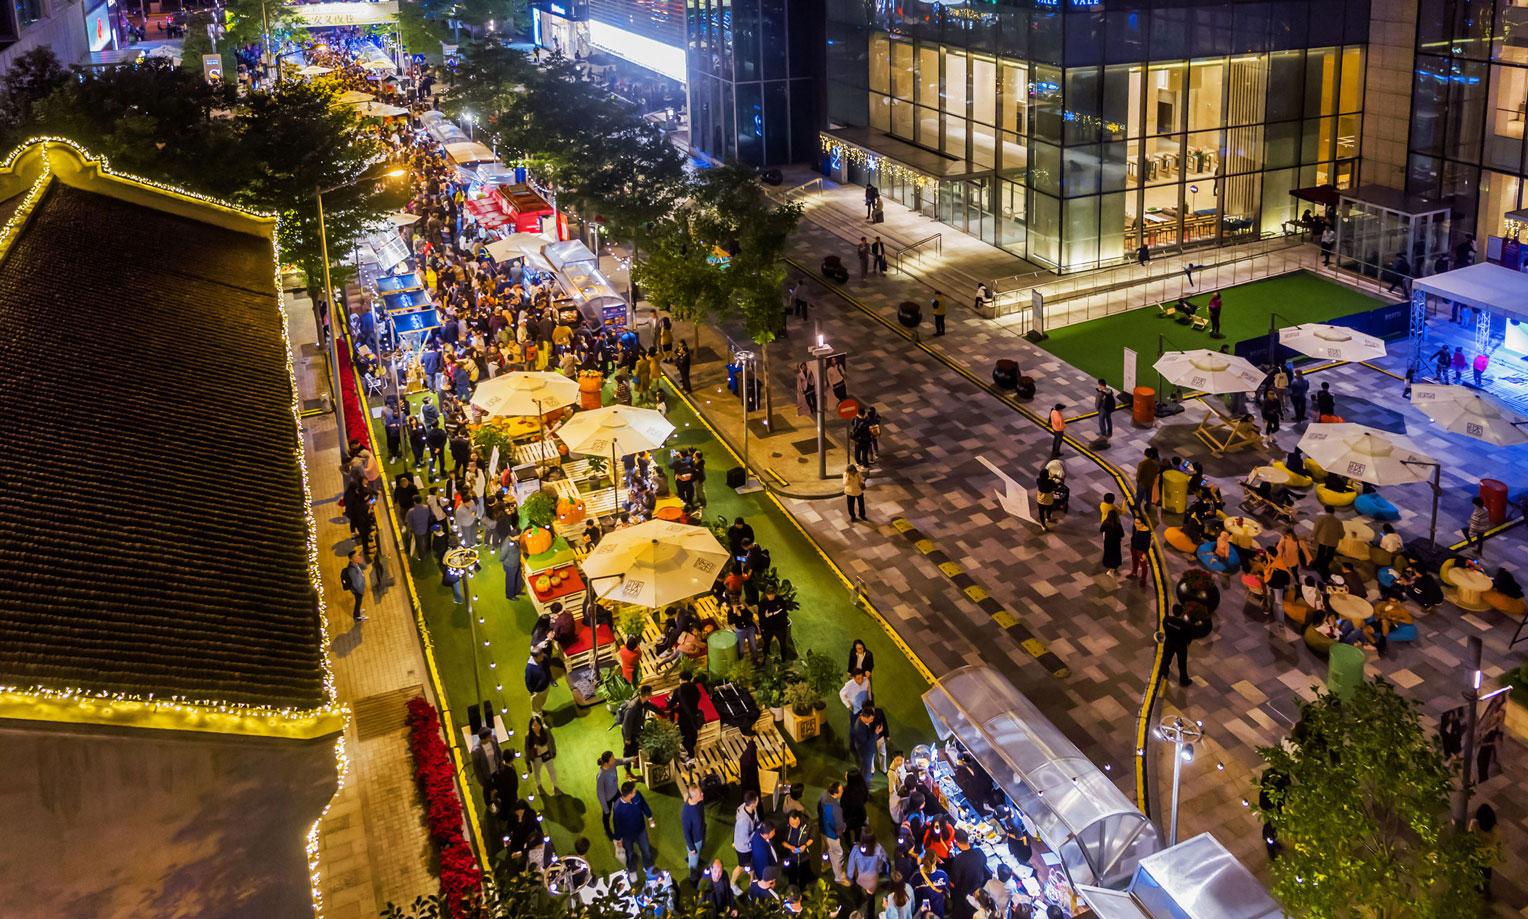 上海周末打卡新去处,「安义夜巷」正式开幕